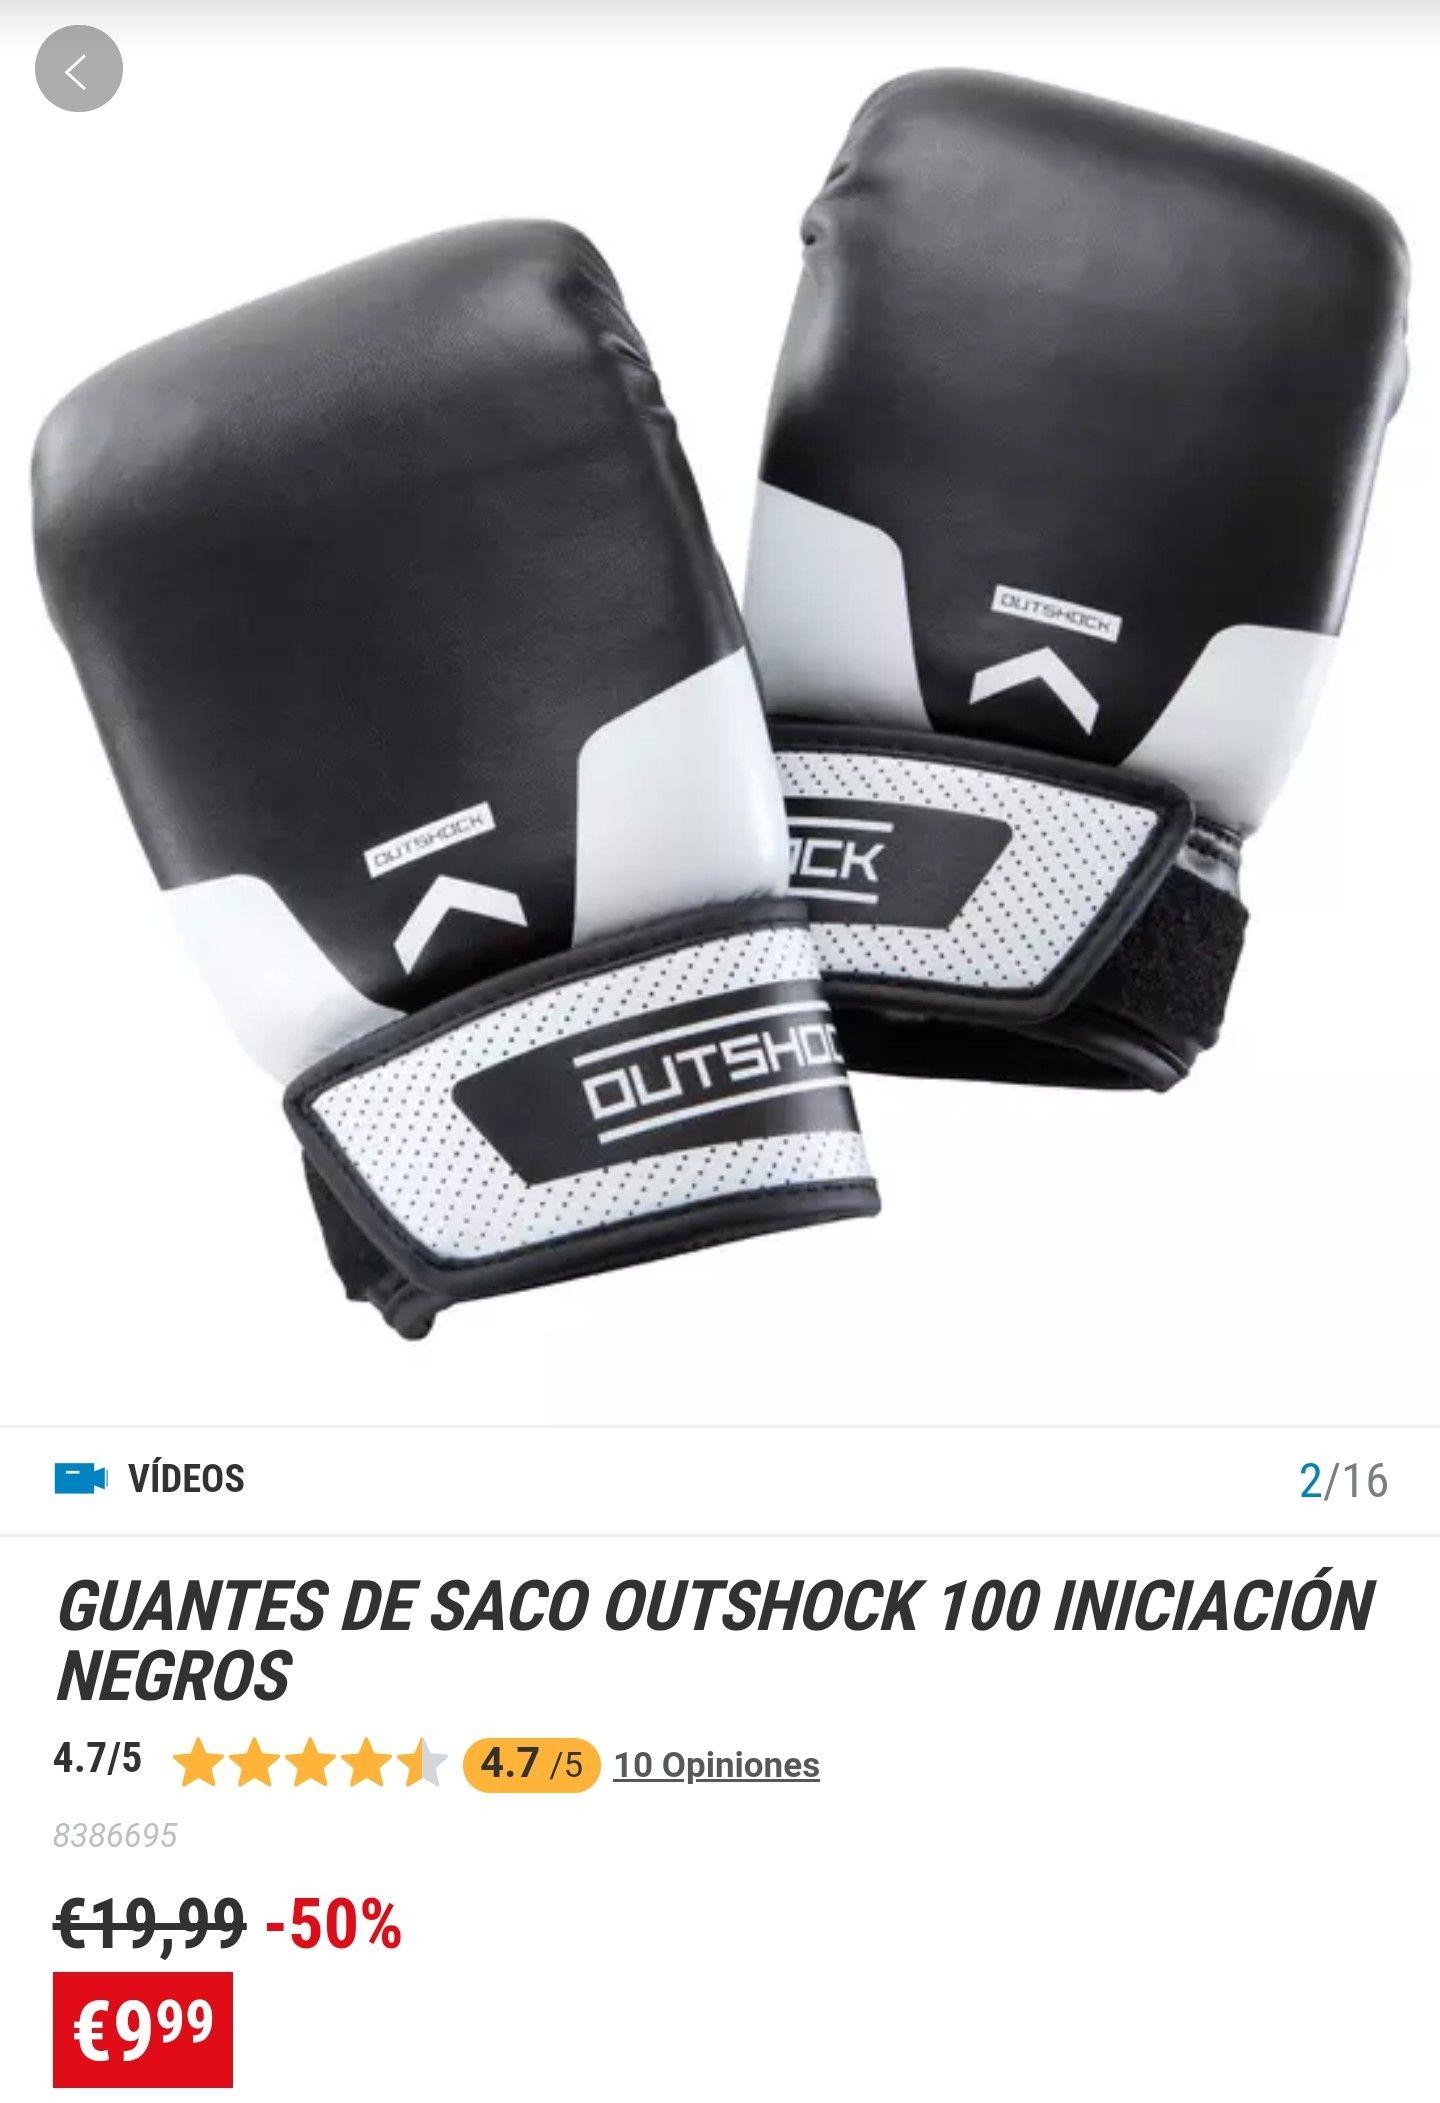 GUANTES DE SACO OUTSHOCK 100 INICIACIÓN NEGROS